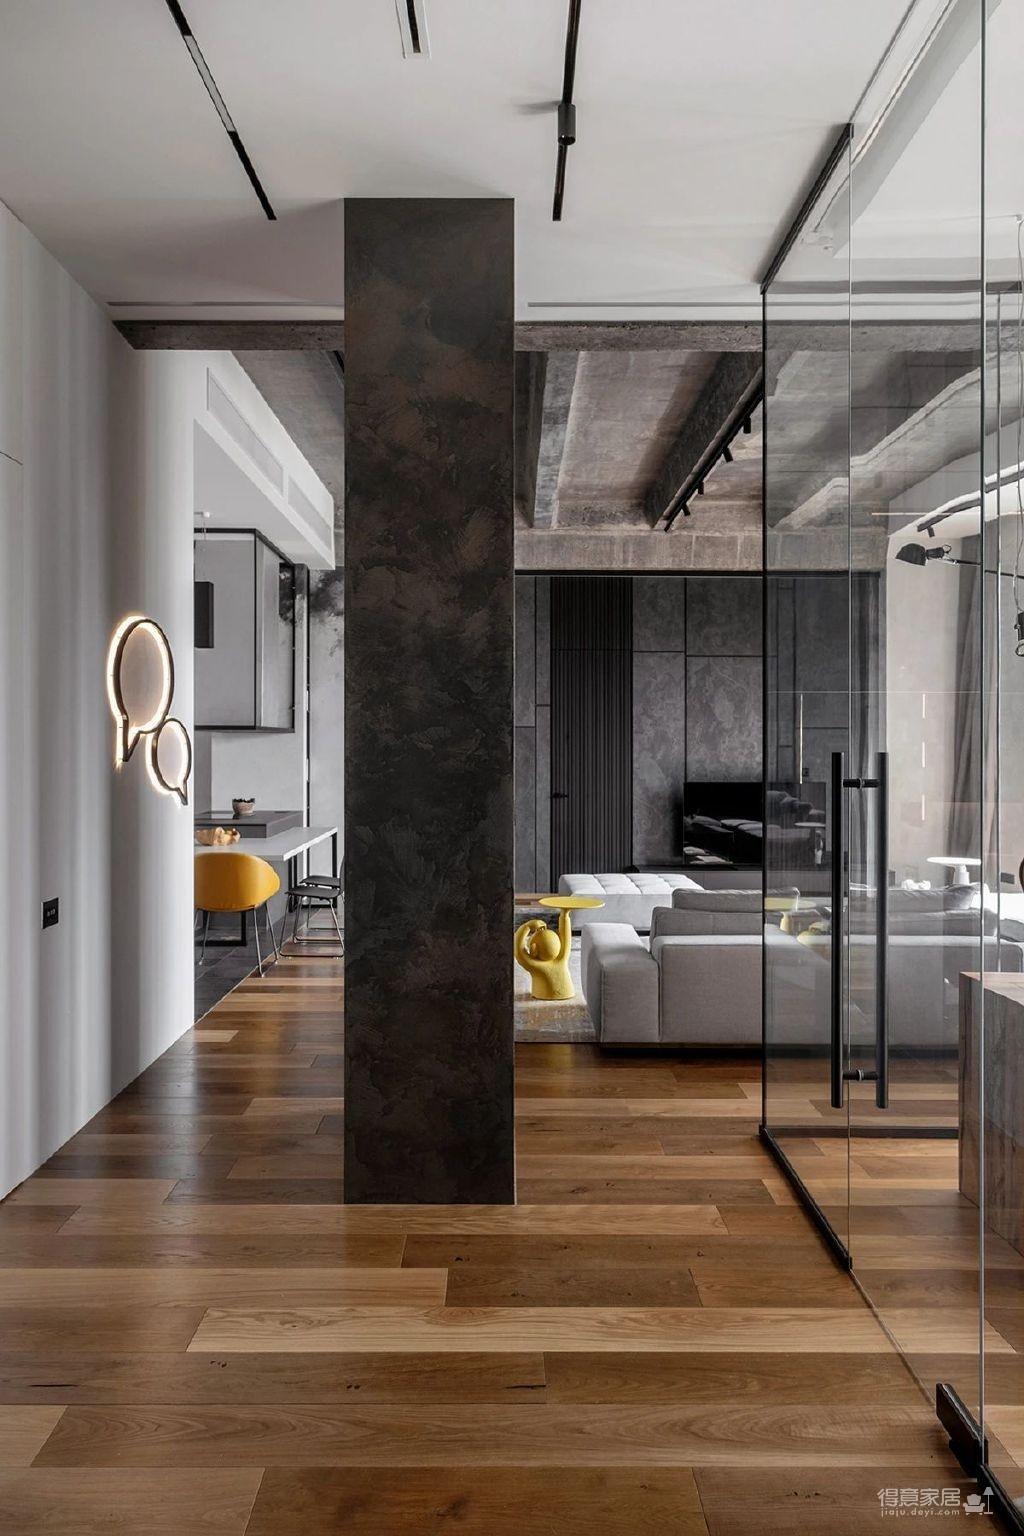 三间小公寓拼凑而成的136平大宅,时髦得不像话图_4